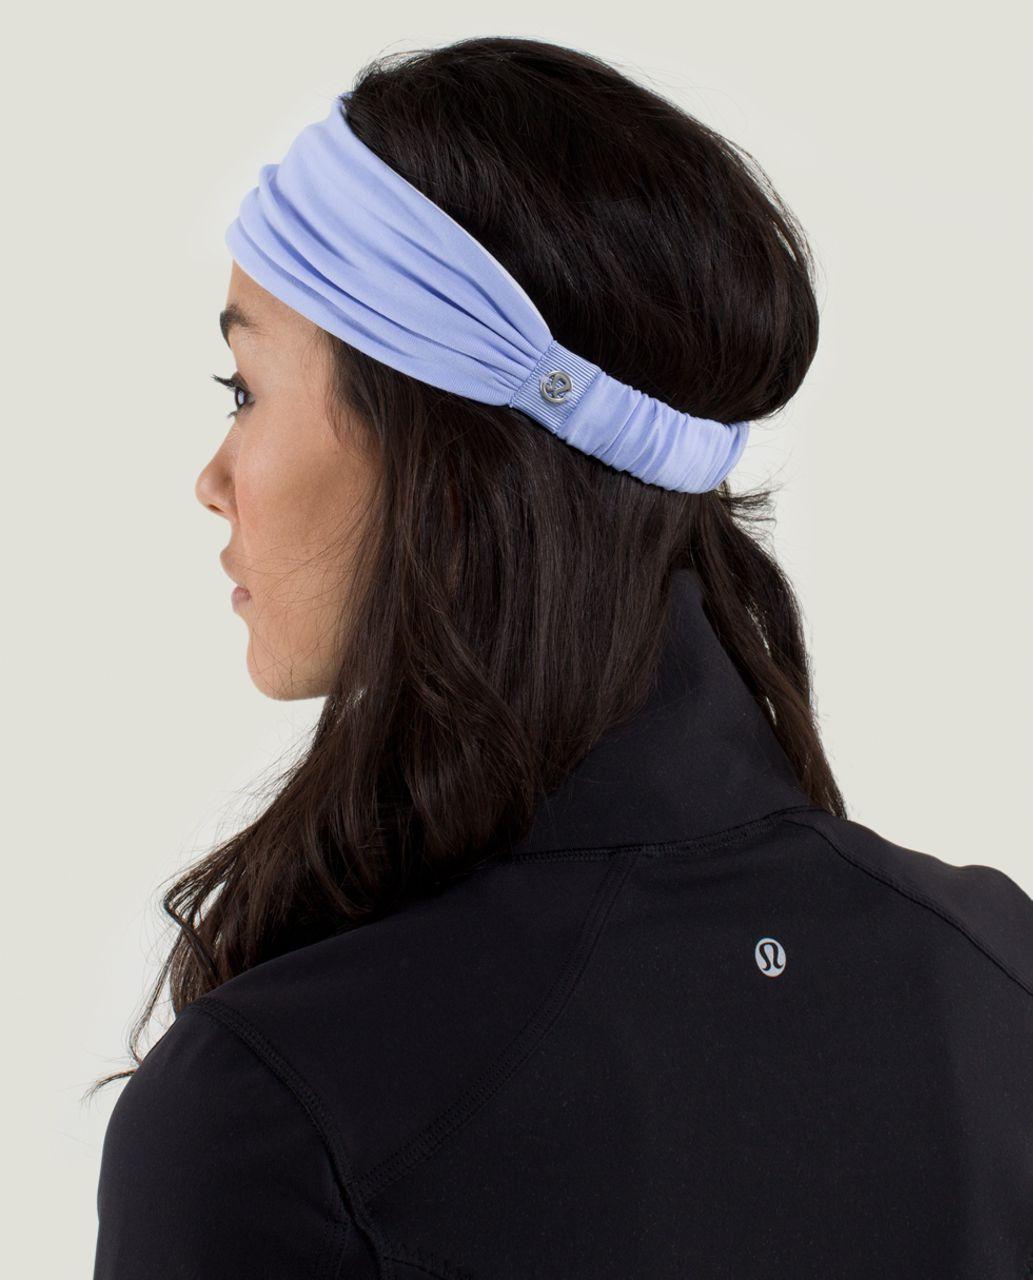 Lululemon Bang Buster Headband *Reversible - Lavender Dusk / White